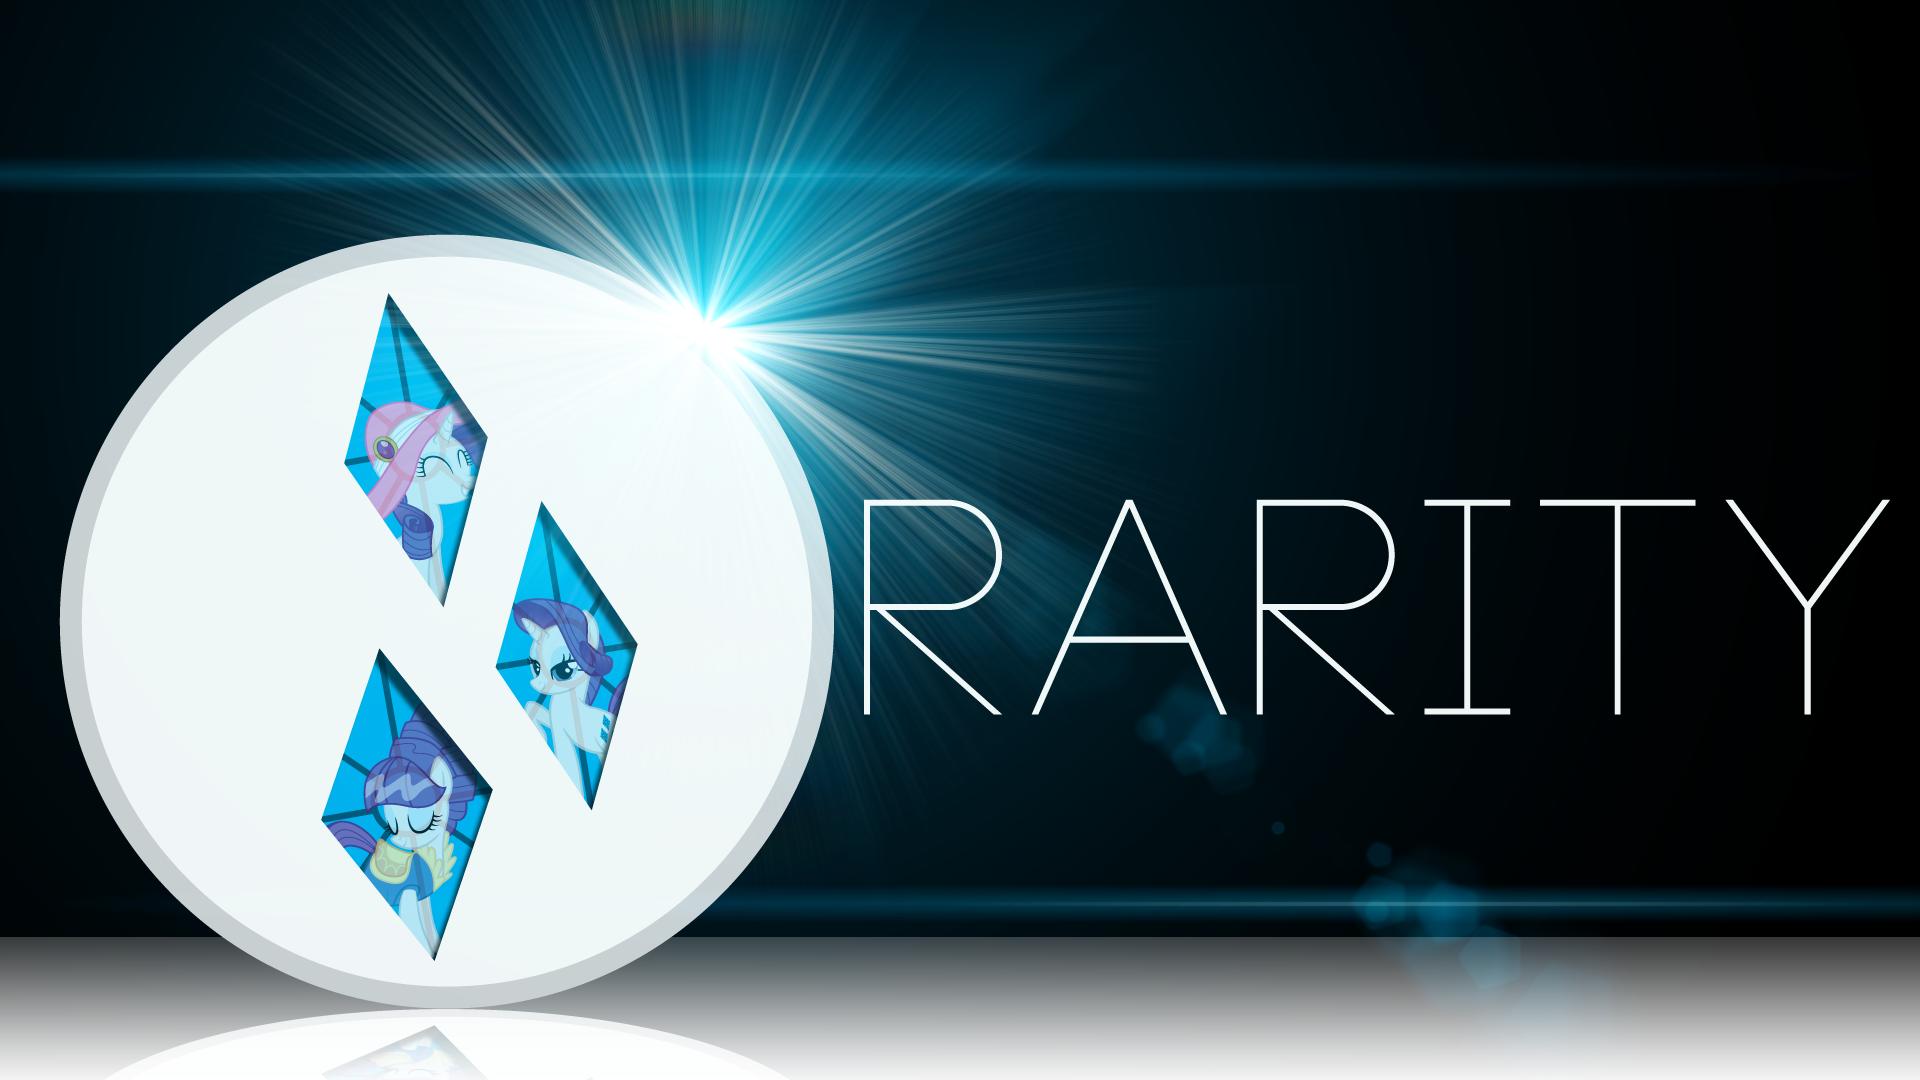 Rarity Orb by Silentmatten